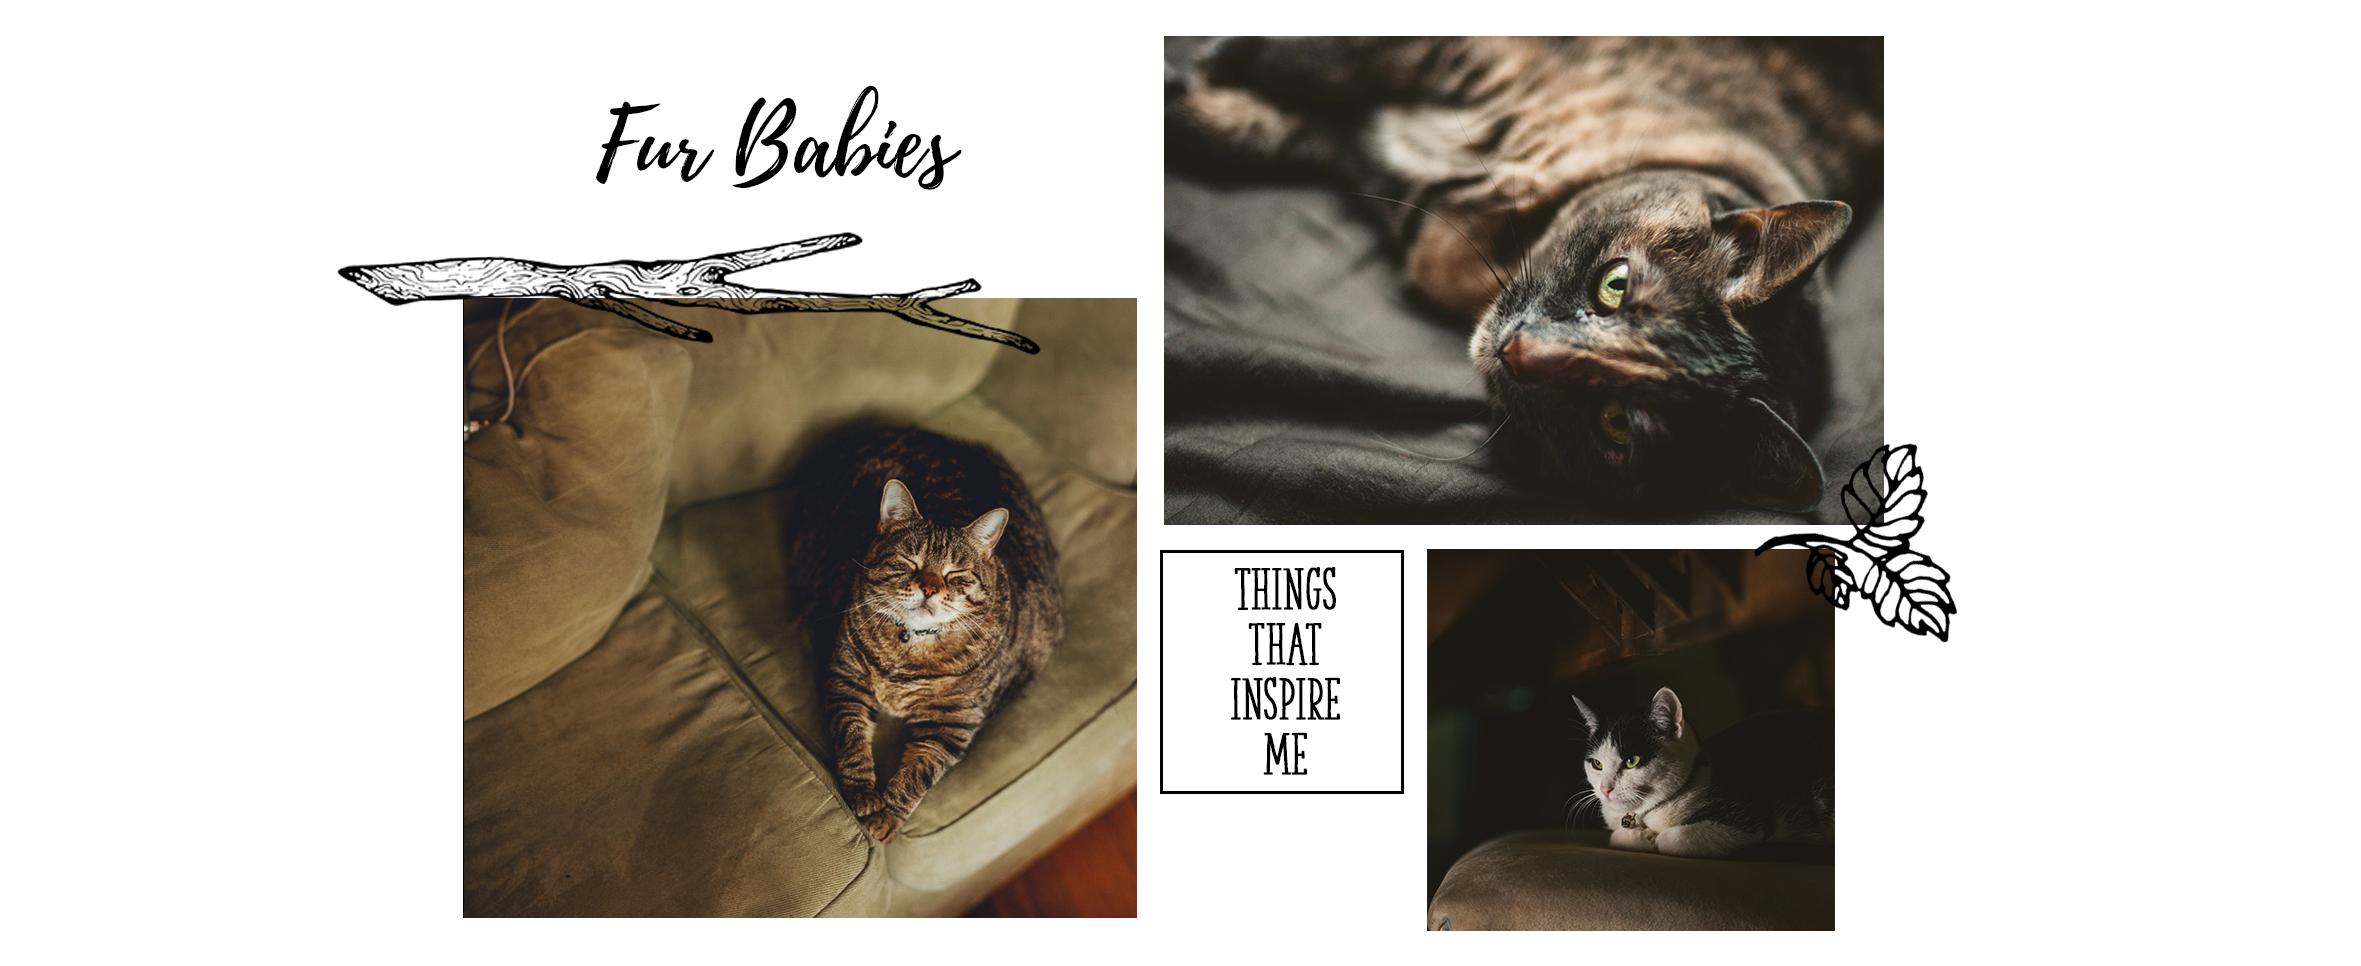 Fur-Babies-slide.png